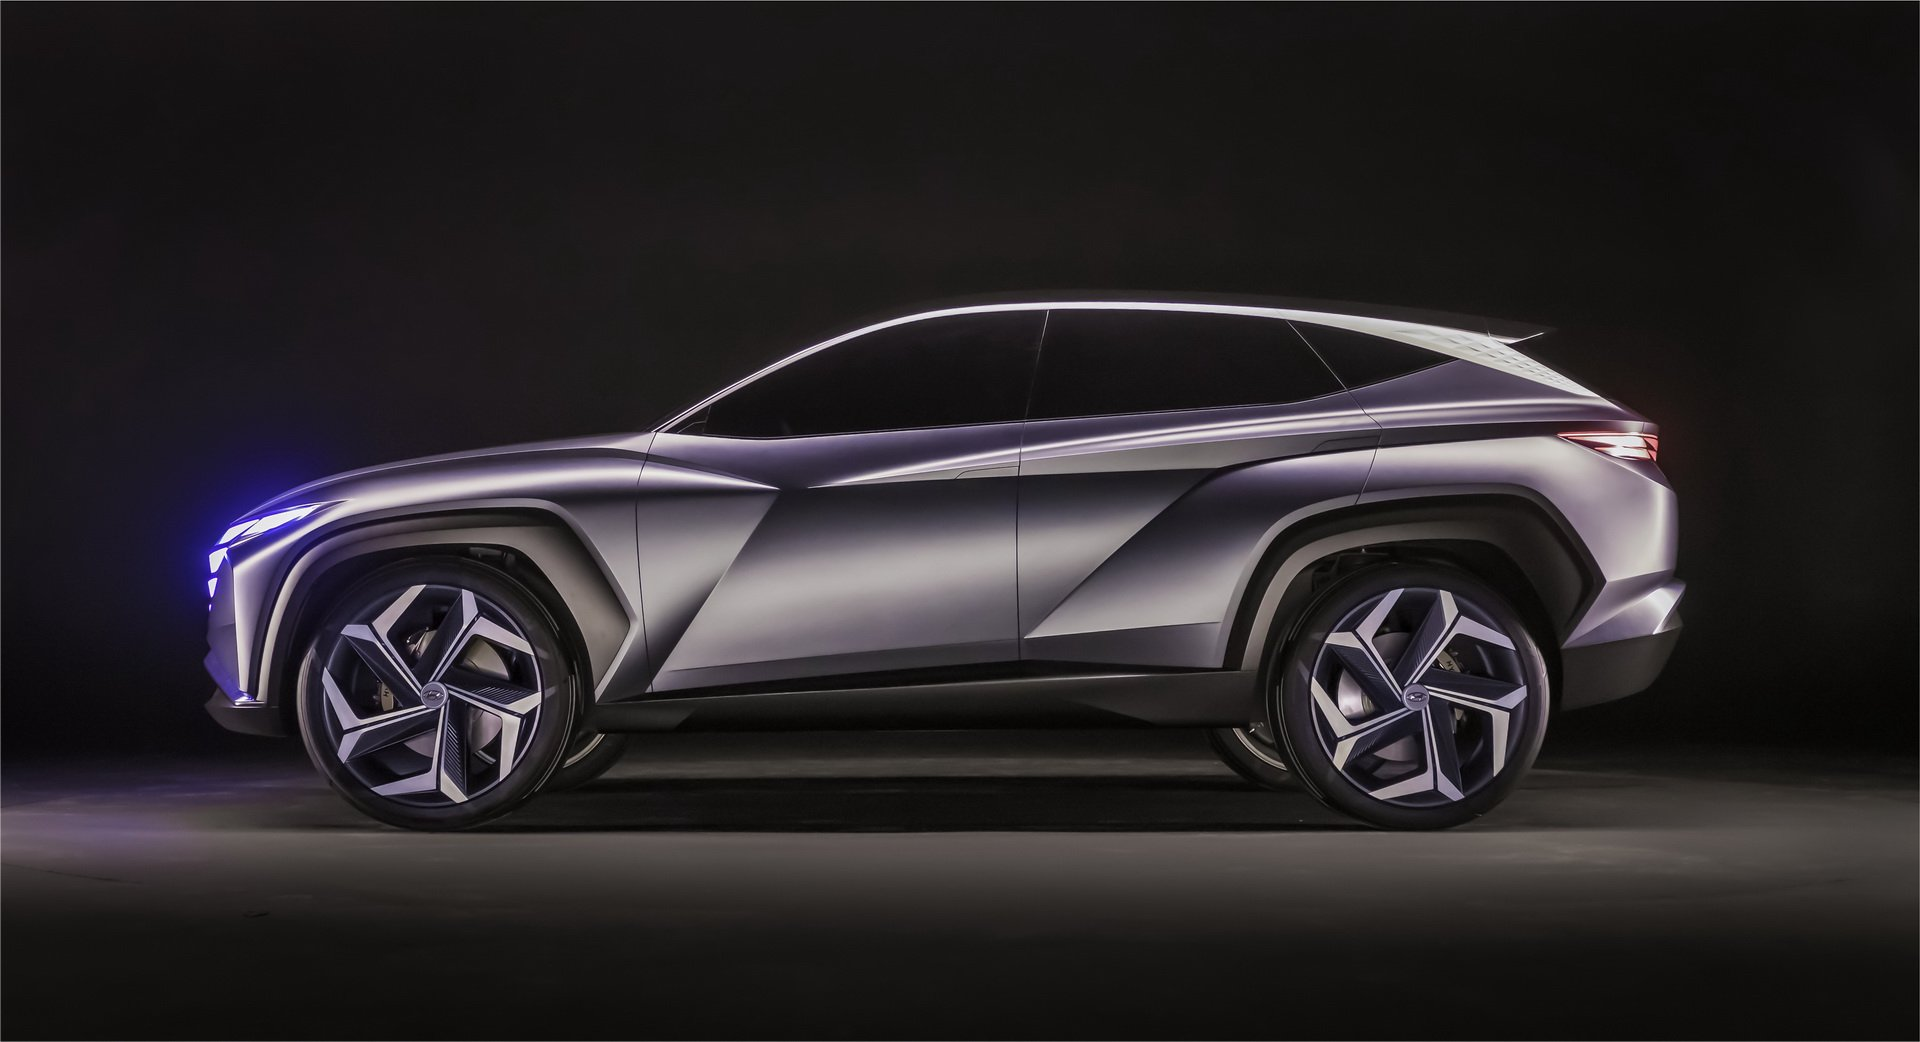 Hyundai Vision T Suv Concept La Show 7